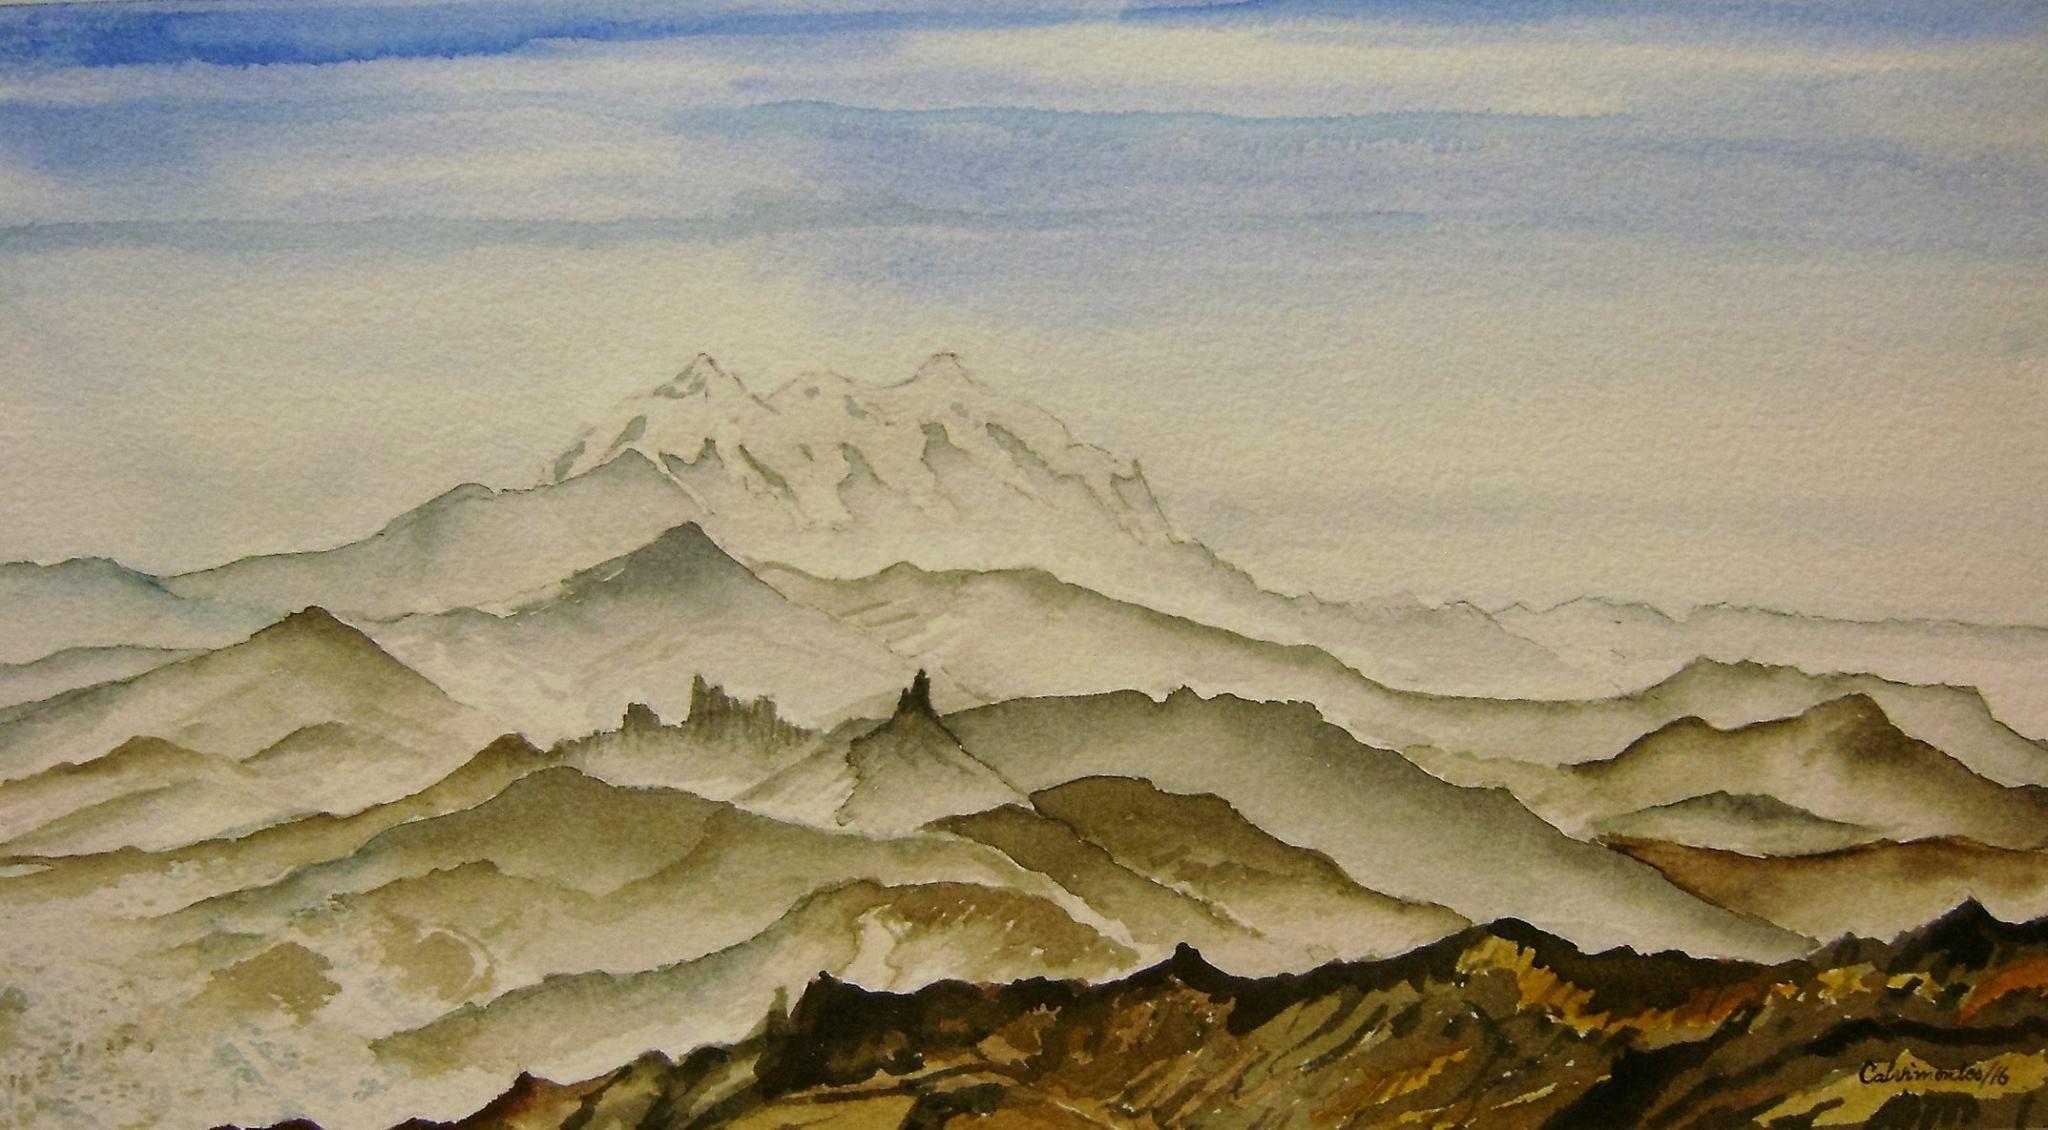 Illimani 6439 m la montaa tutelar de la ciudad de La Paz